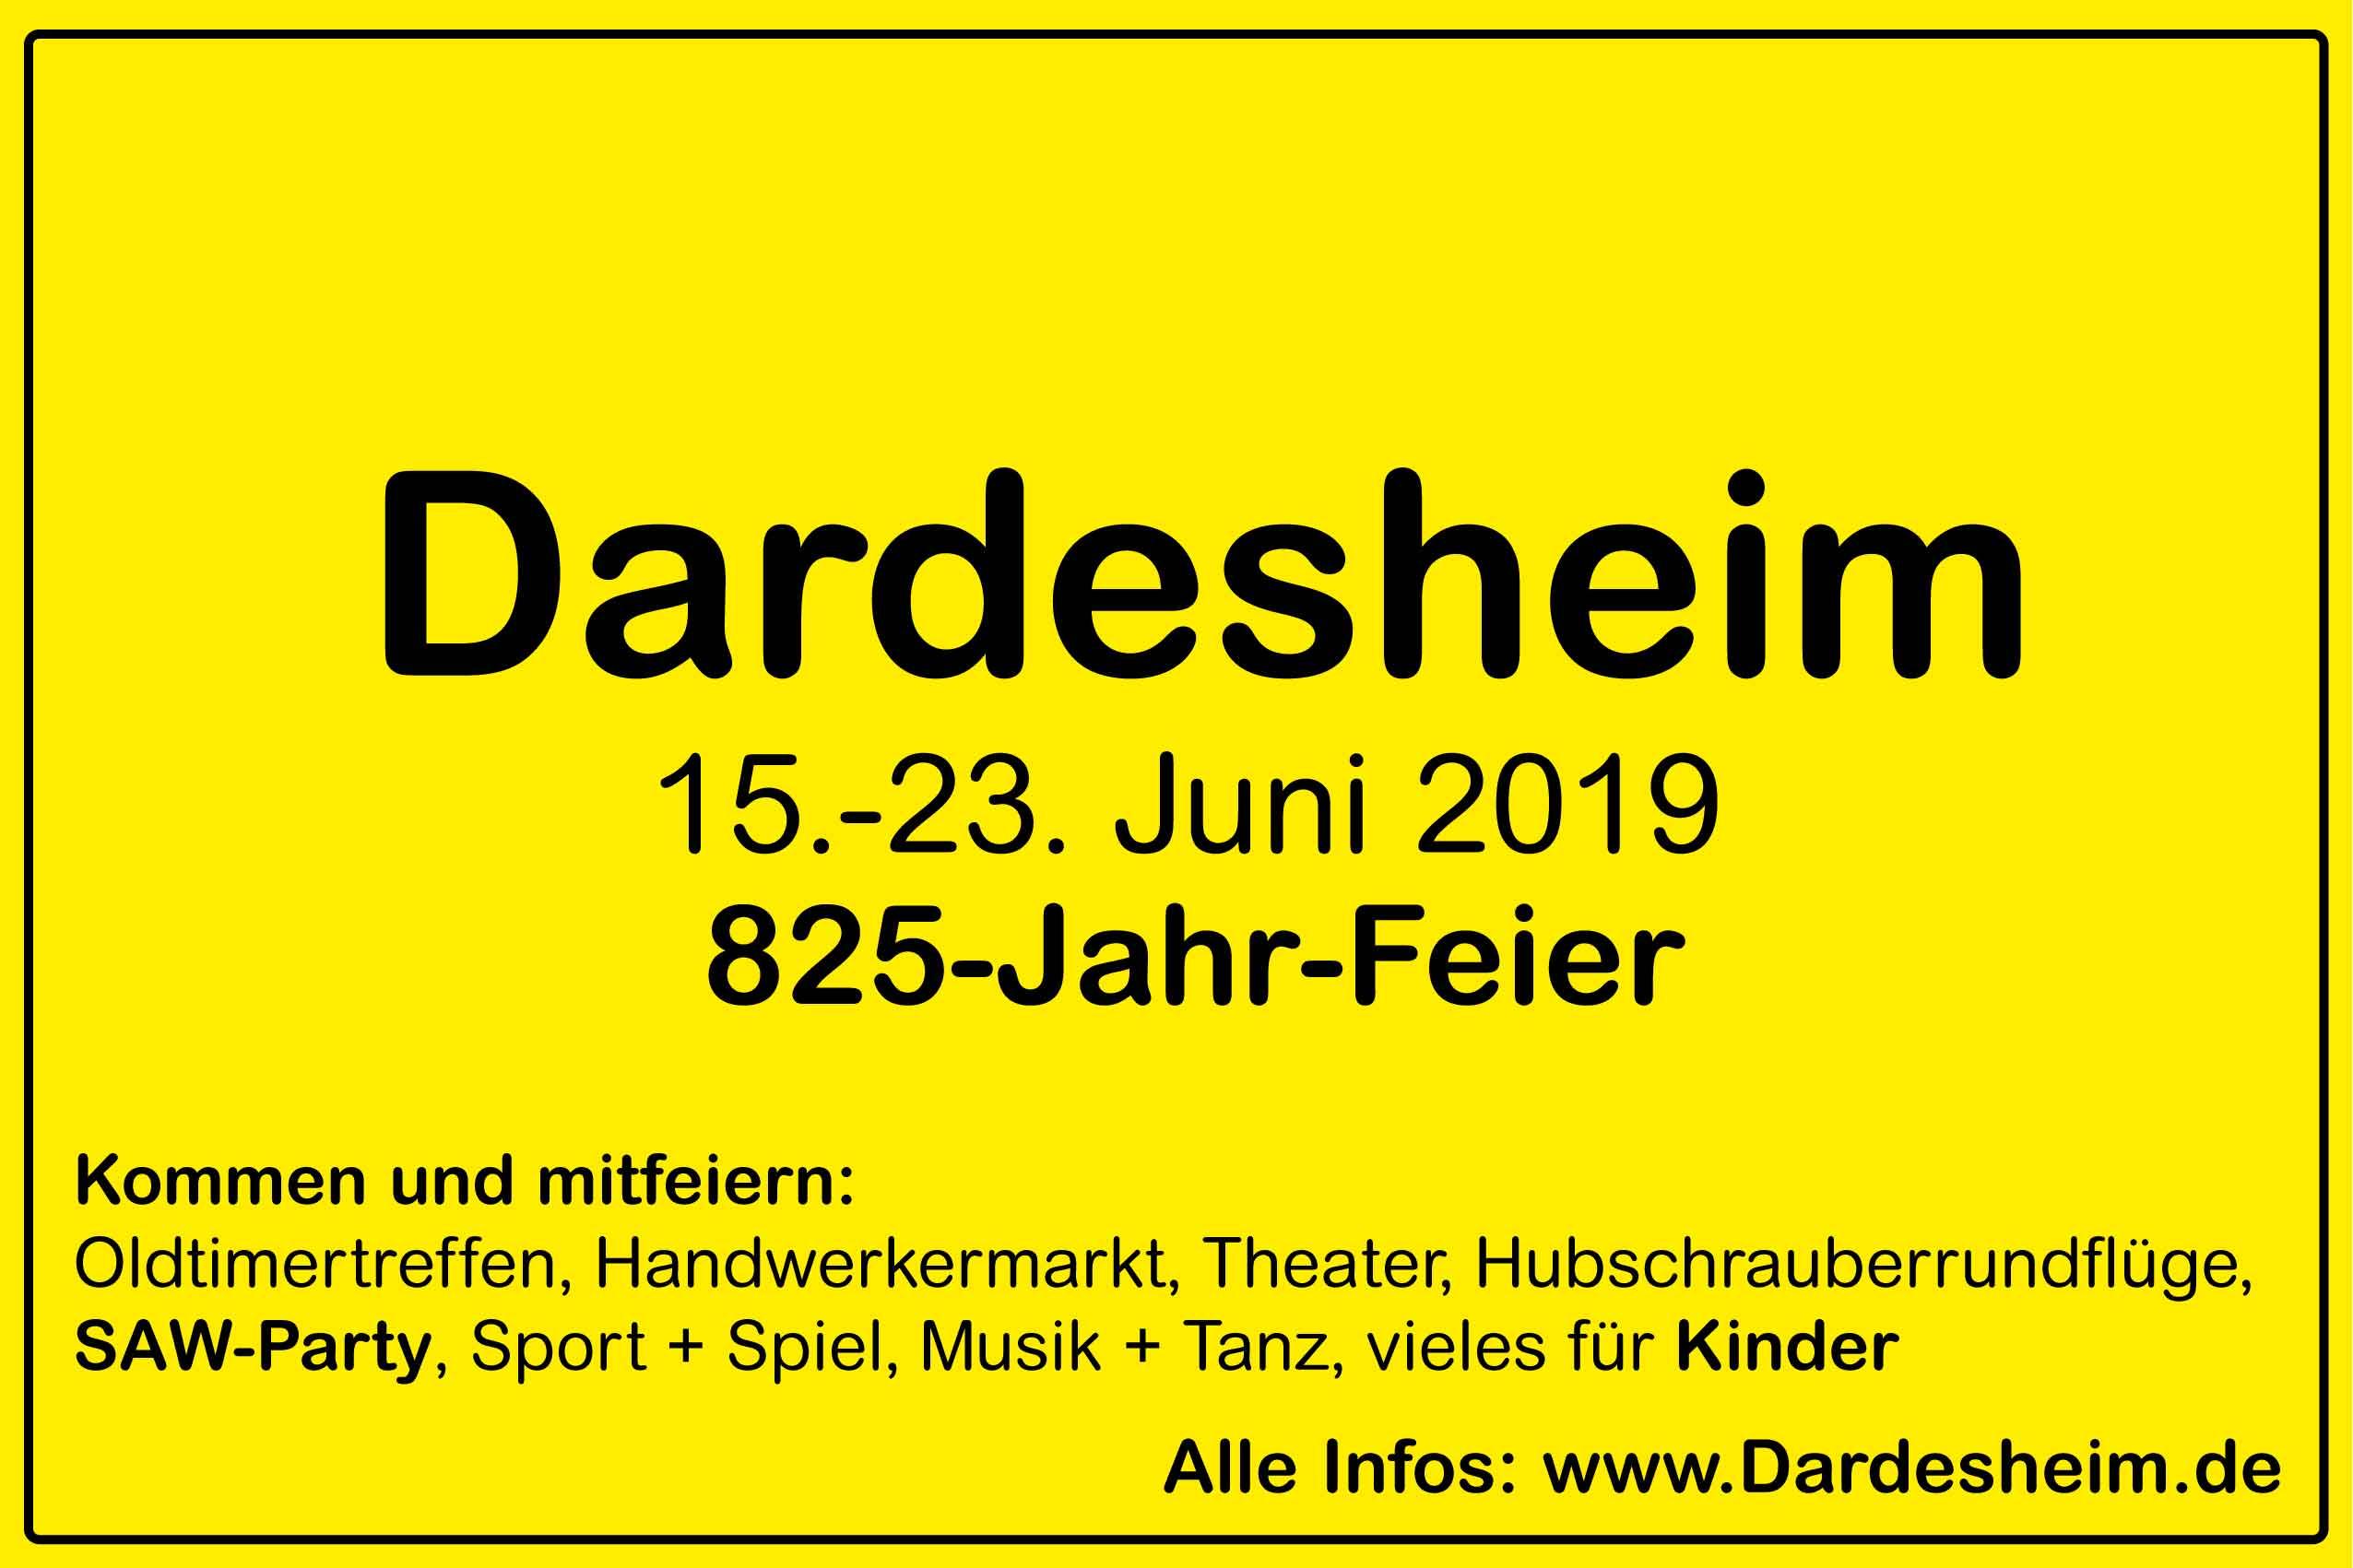 825-Jahr-Feier Dardesheim